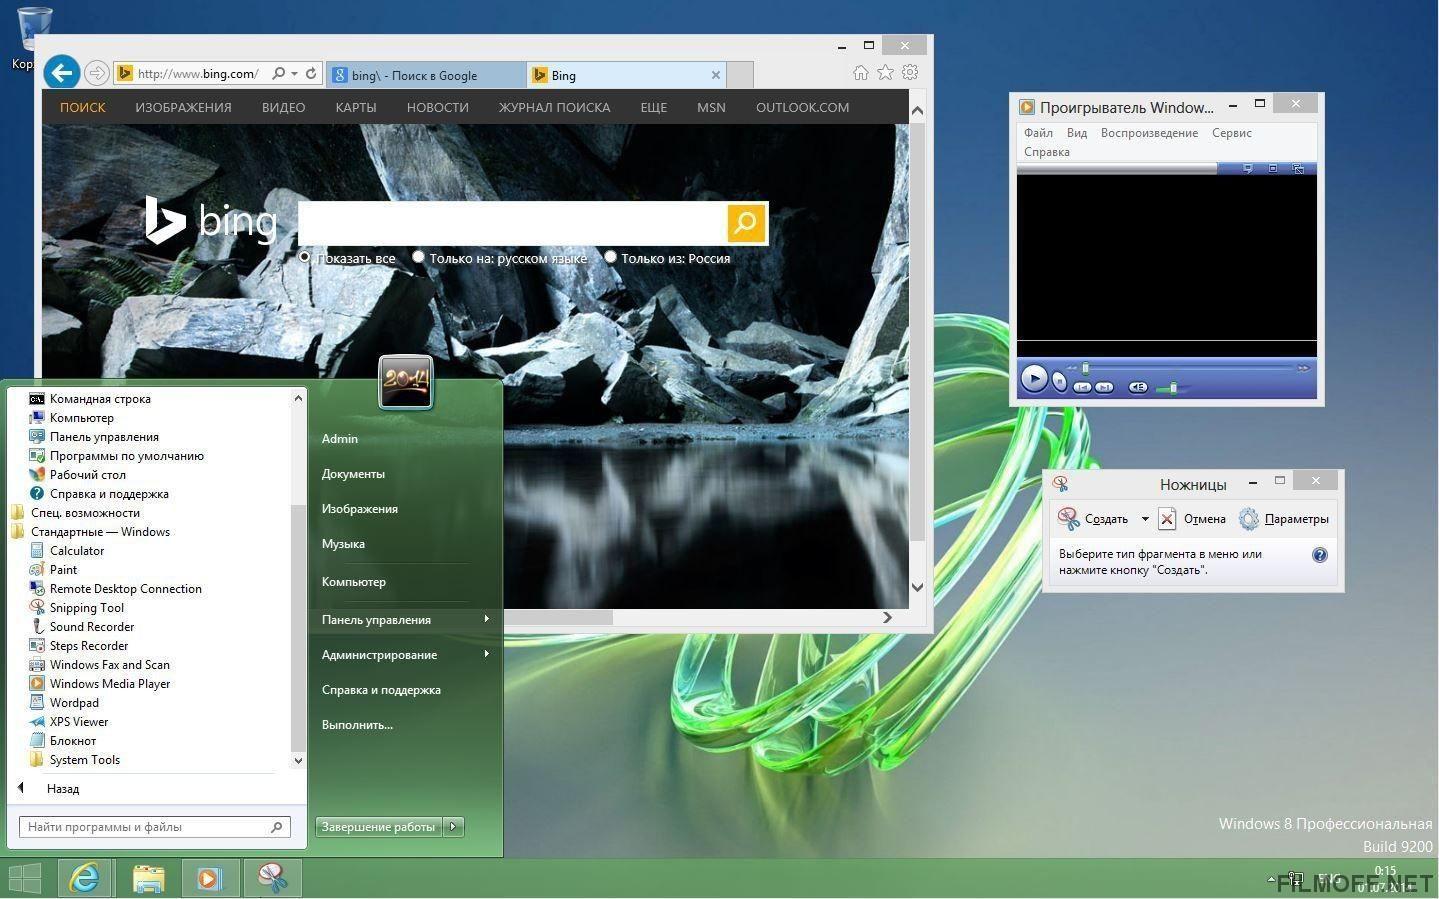 Macromedia Dreamweaver 8 Pro Serial Key Free Download